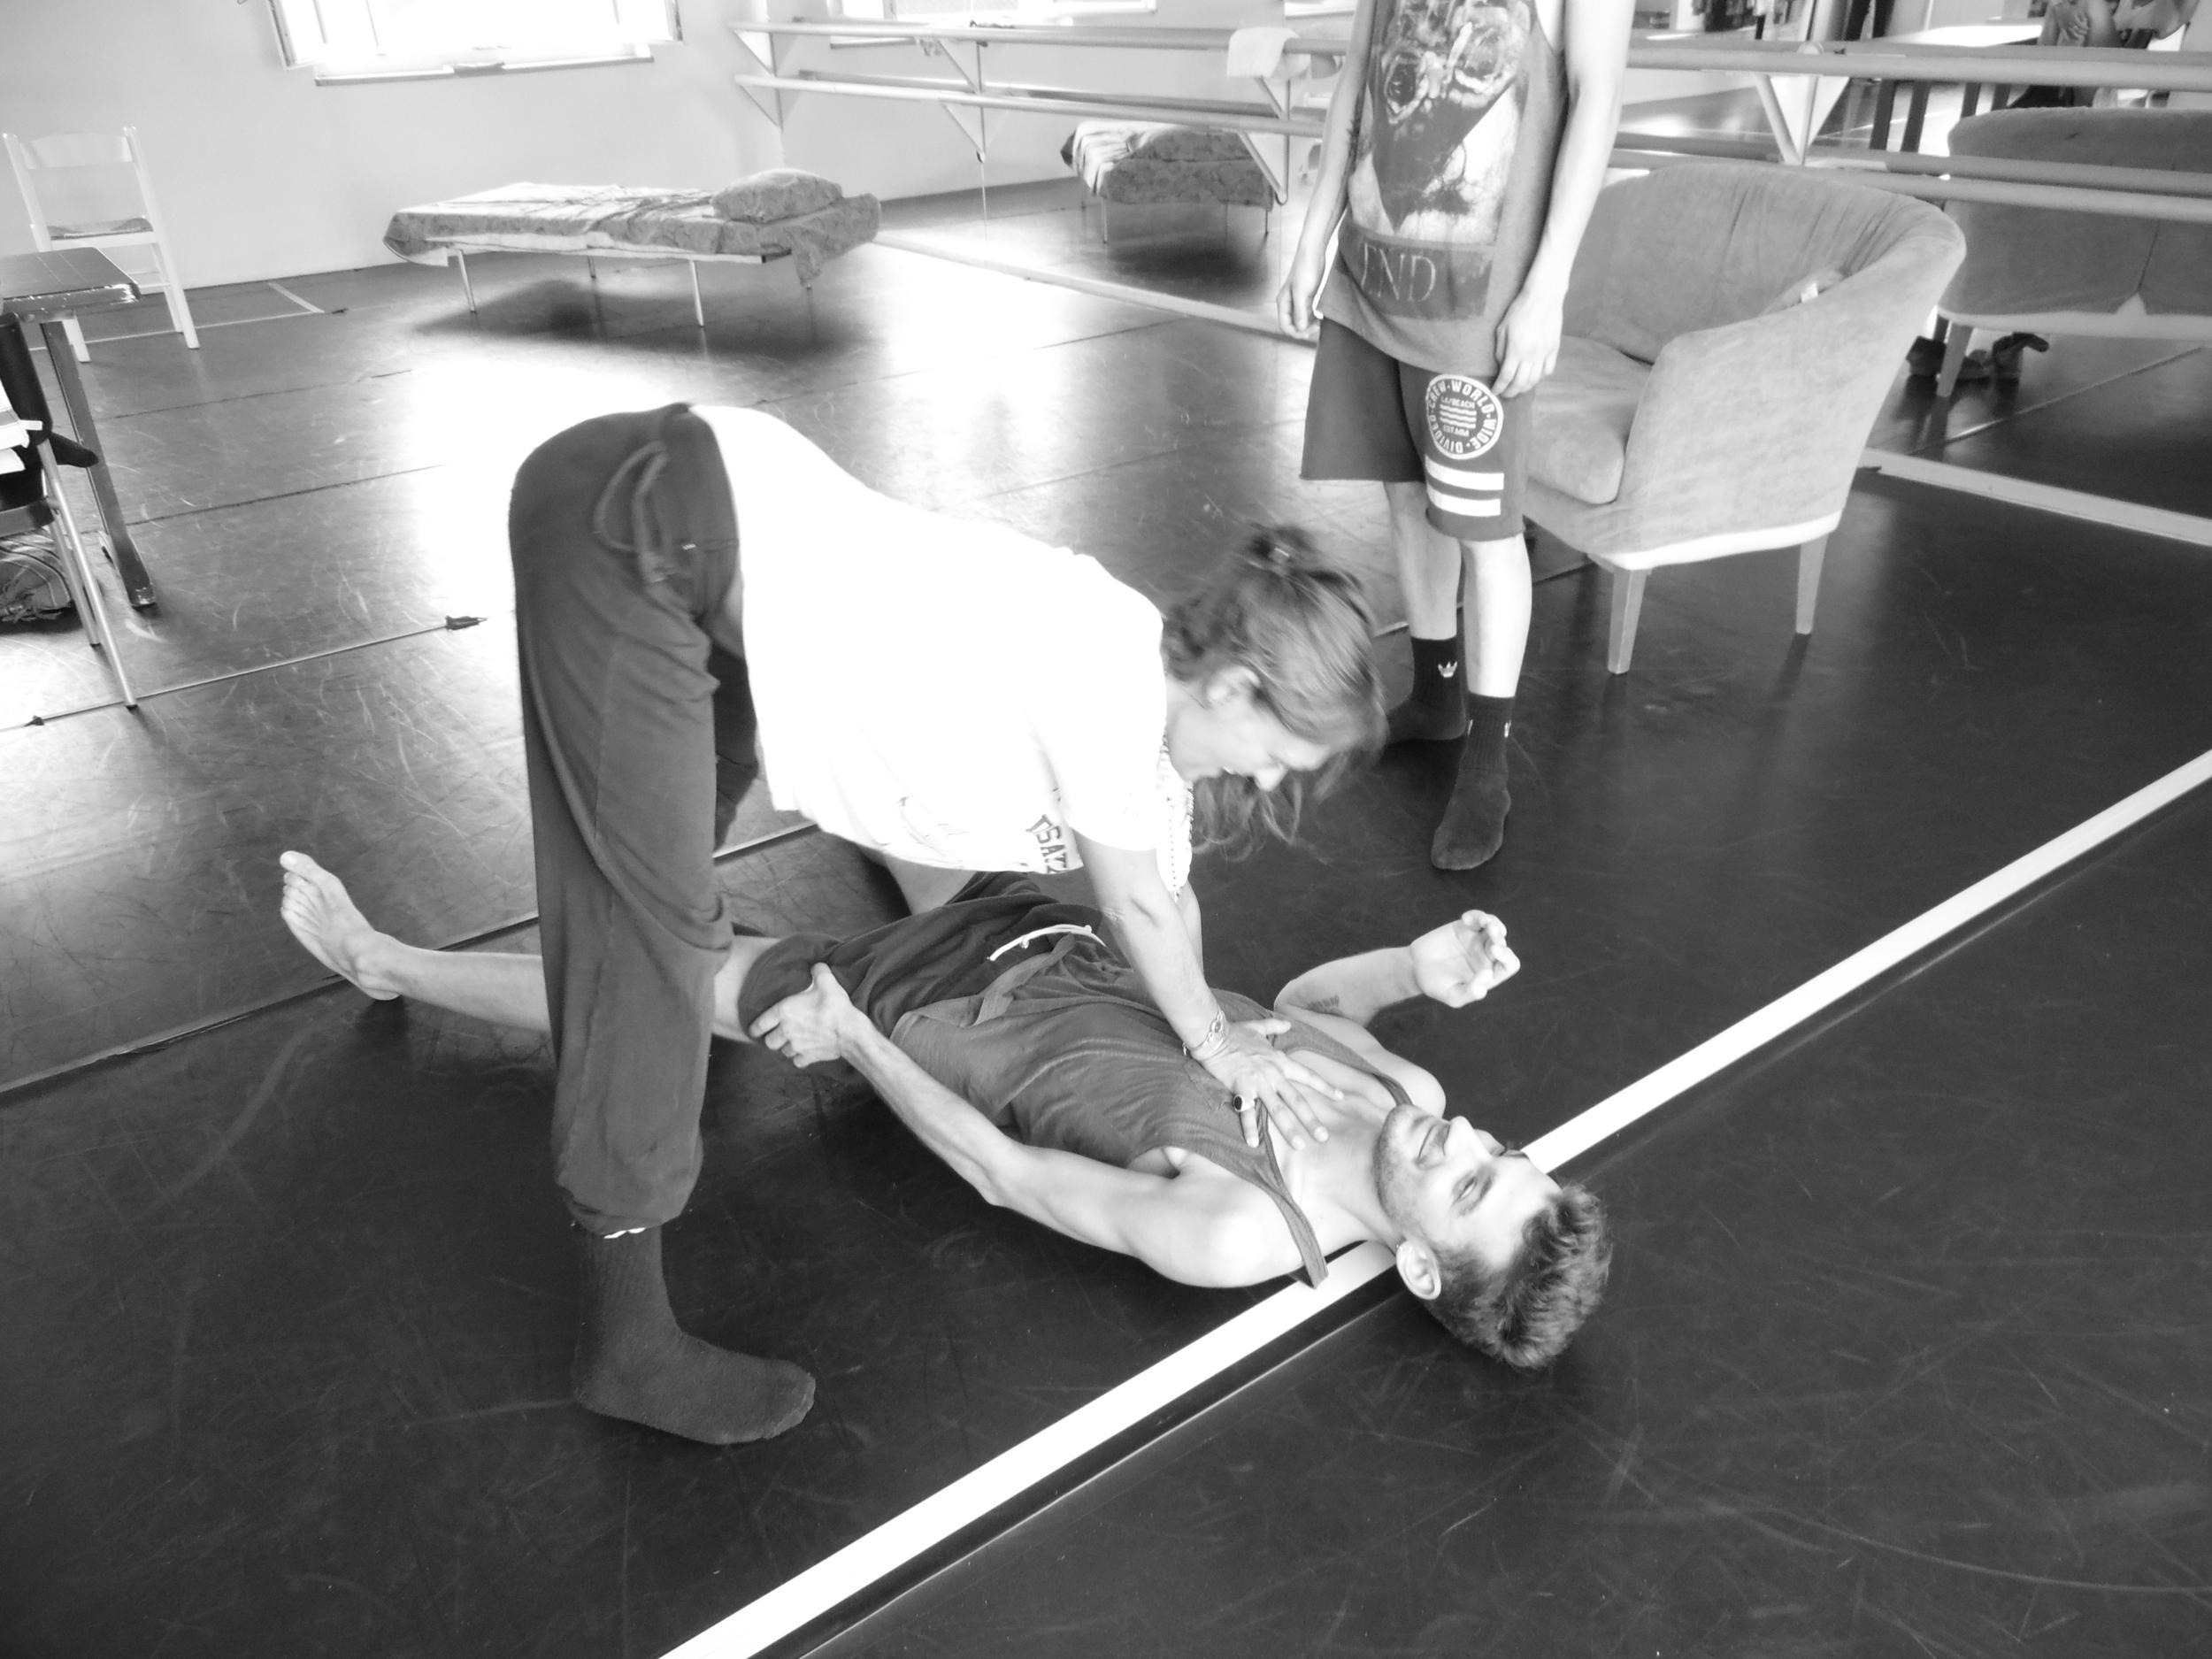 """- Inizia gli studi al """"Centro d'arte coreografica di Loredana Venchi"""" a Verona. Prosegue gli studi di aggiornamento di danza con il Maestro Peter Van der Sloot, Cinzia Vittone, Maurizio Tamellini, Fabrizio Monteverde, Giorgio Zecchi, Mauro Astolfi, Corinne Lanselle, Mia Molinari e altri coreografi di fama internazionale. Dal 1999 dirige la scuola di danza """"Les petits pas"""" svolgendo anche il ruolo di insegnante e coreografa.Consegue gli attestati di frequenza al corso S.I.M.E.O.S. """"La didattica dello Schulwerk di Carl Orff e il suo valore pedagogico"""", al corso introduttivo alla Danza Educativa condotto da Franca Zagatti presso il Musikè di Bologna (diventa socia della DES Associazione Nazionale Danza Educazione Scuola presso l'Università degli Studi di Bologna) e al seminario intensivo di Danza Terapia.Dal 2004 al 2007 conduce stage estivi di danza nella provincia di Trento.Dal 2007 al 2009 insegna danza presso il Teatro Stabile di Verona.Dal 2008 lavora come coreografa per il corpo di ballo da lei formato, Les Petits Pas."""